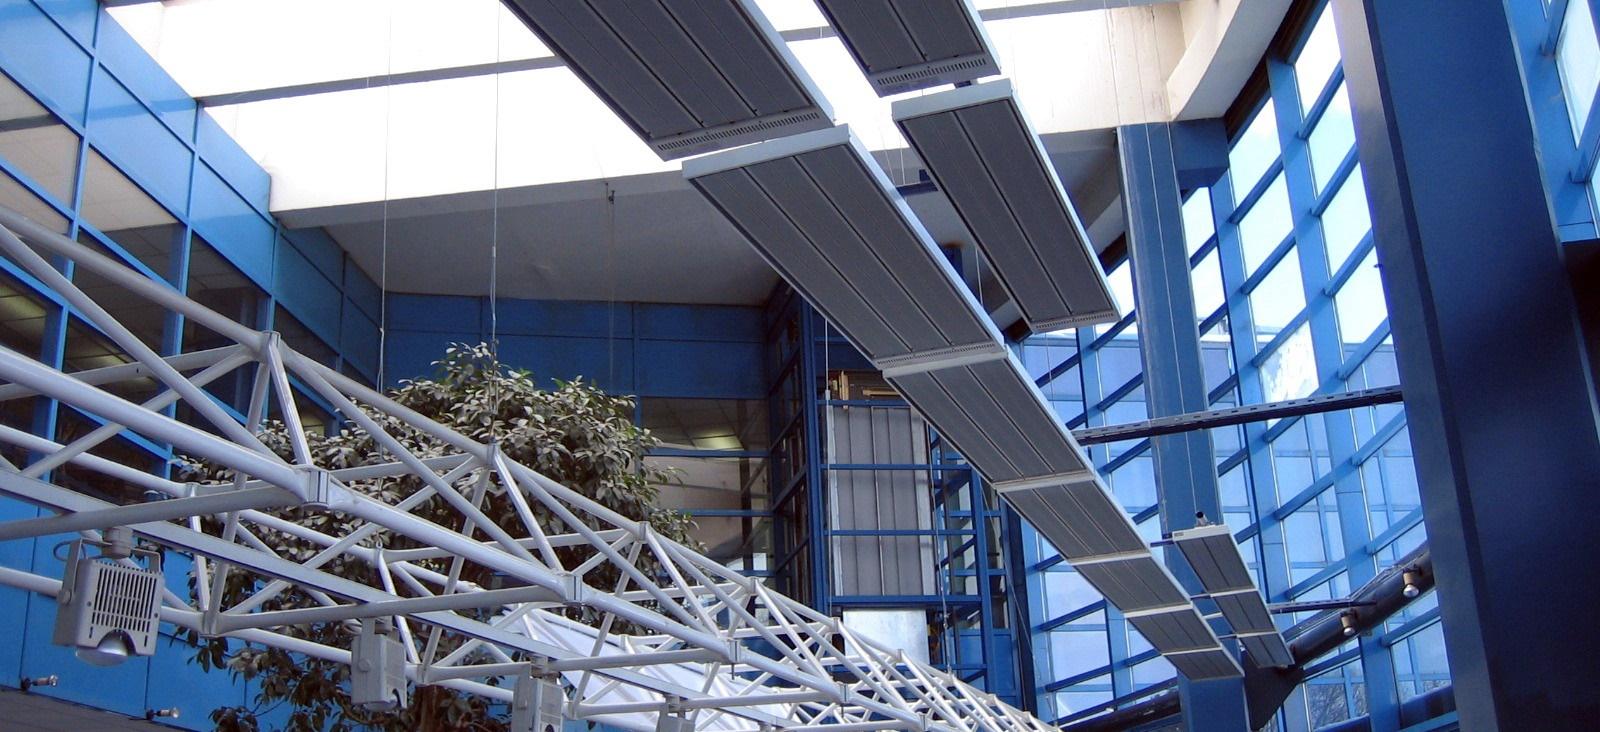 Energotech svéd ipari elektromos fűtés, elektromos infra csarnokfűtés,infra hősugárzó